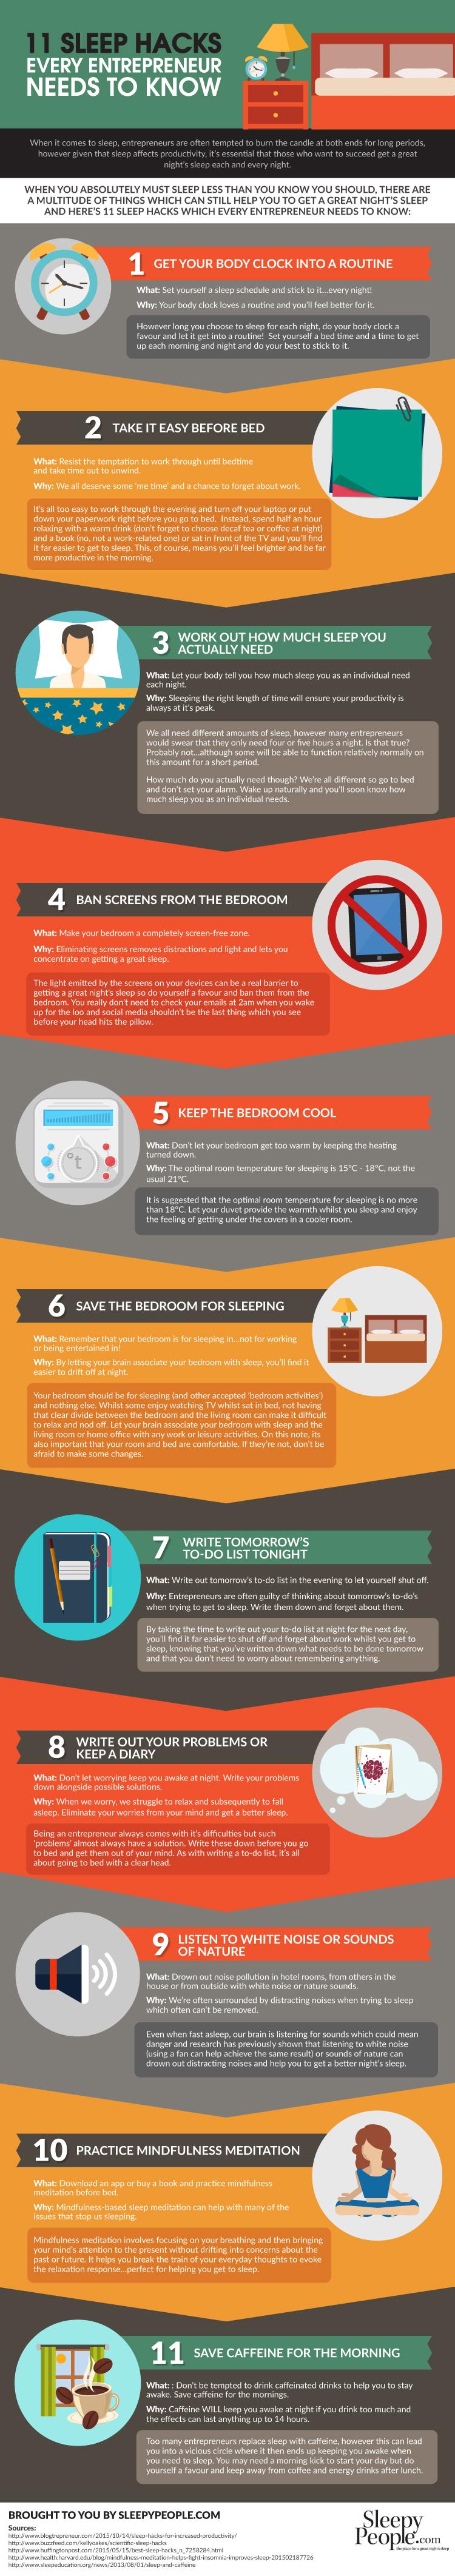 sleep-hacks-for-entrepreneurs